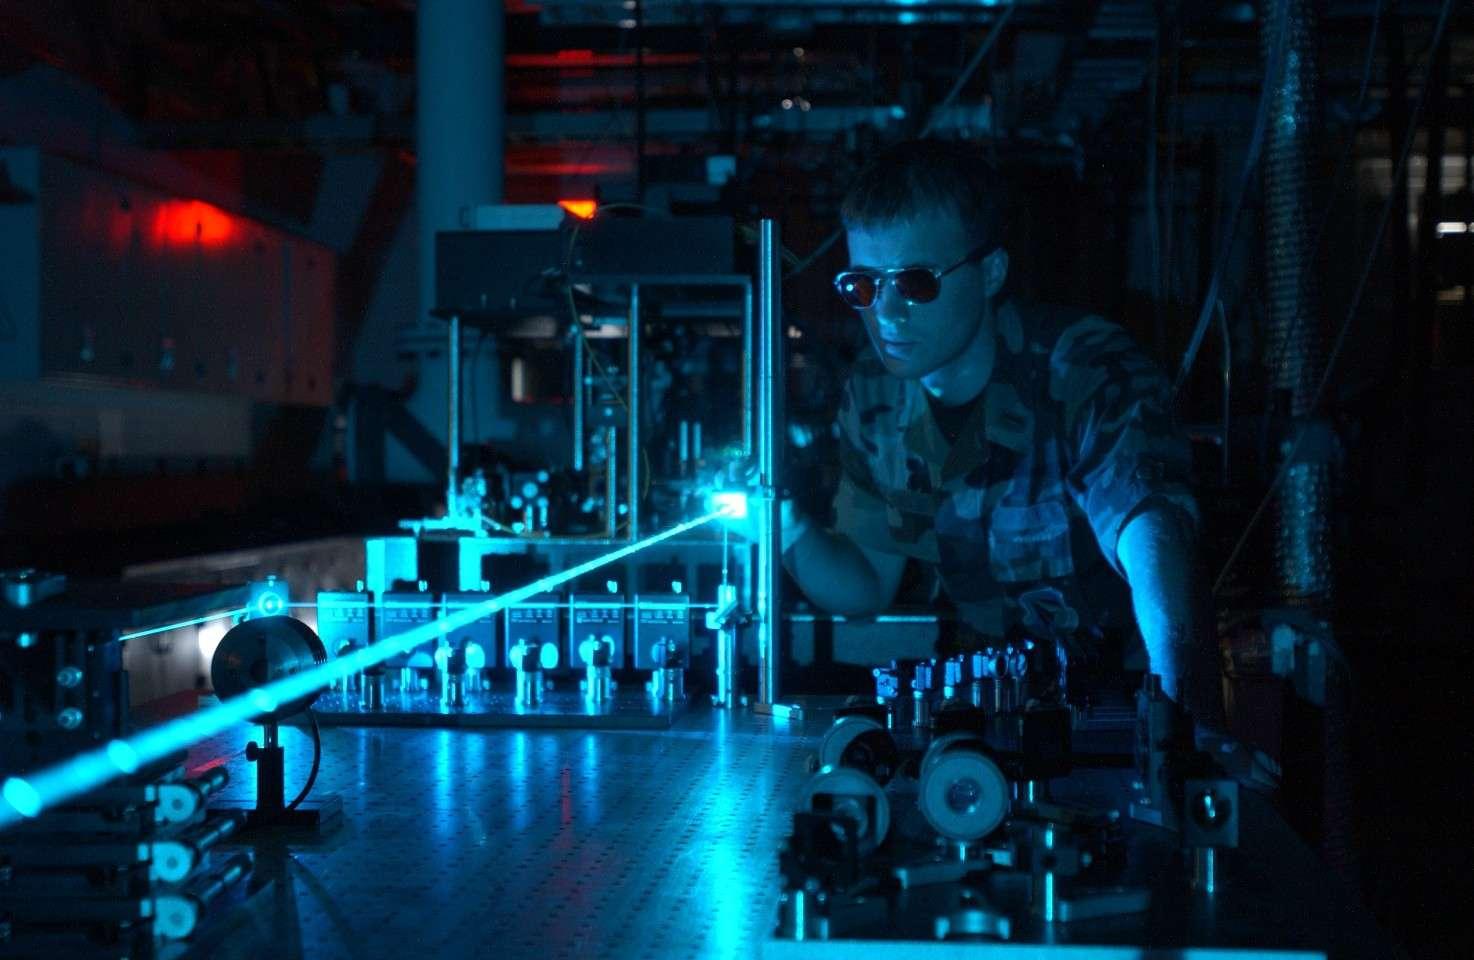 Une expérience menée avec un laser par un membre de l'AFRL (United states Air Force Research Laboratory) © DP, Wikipédia